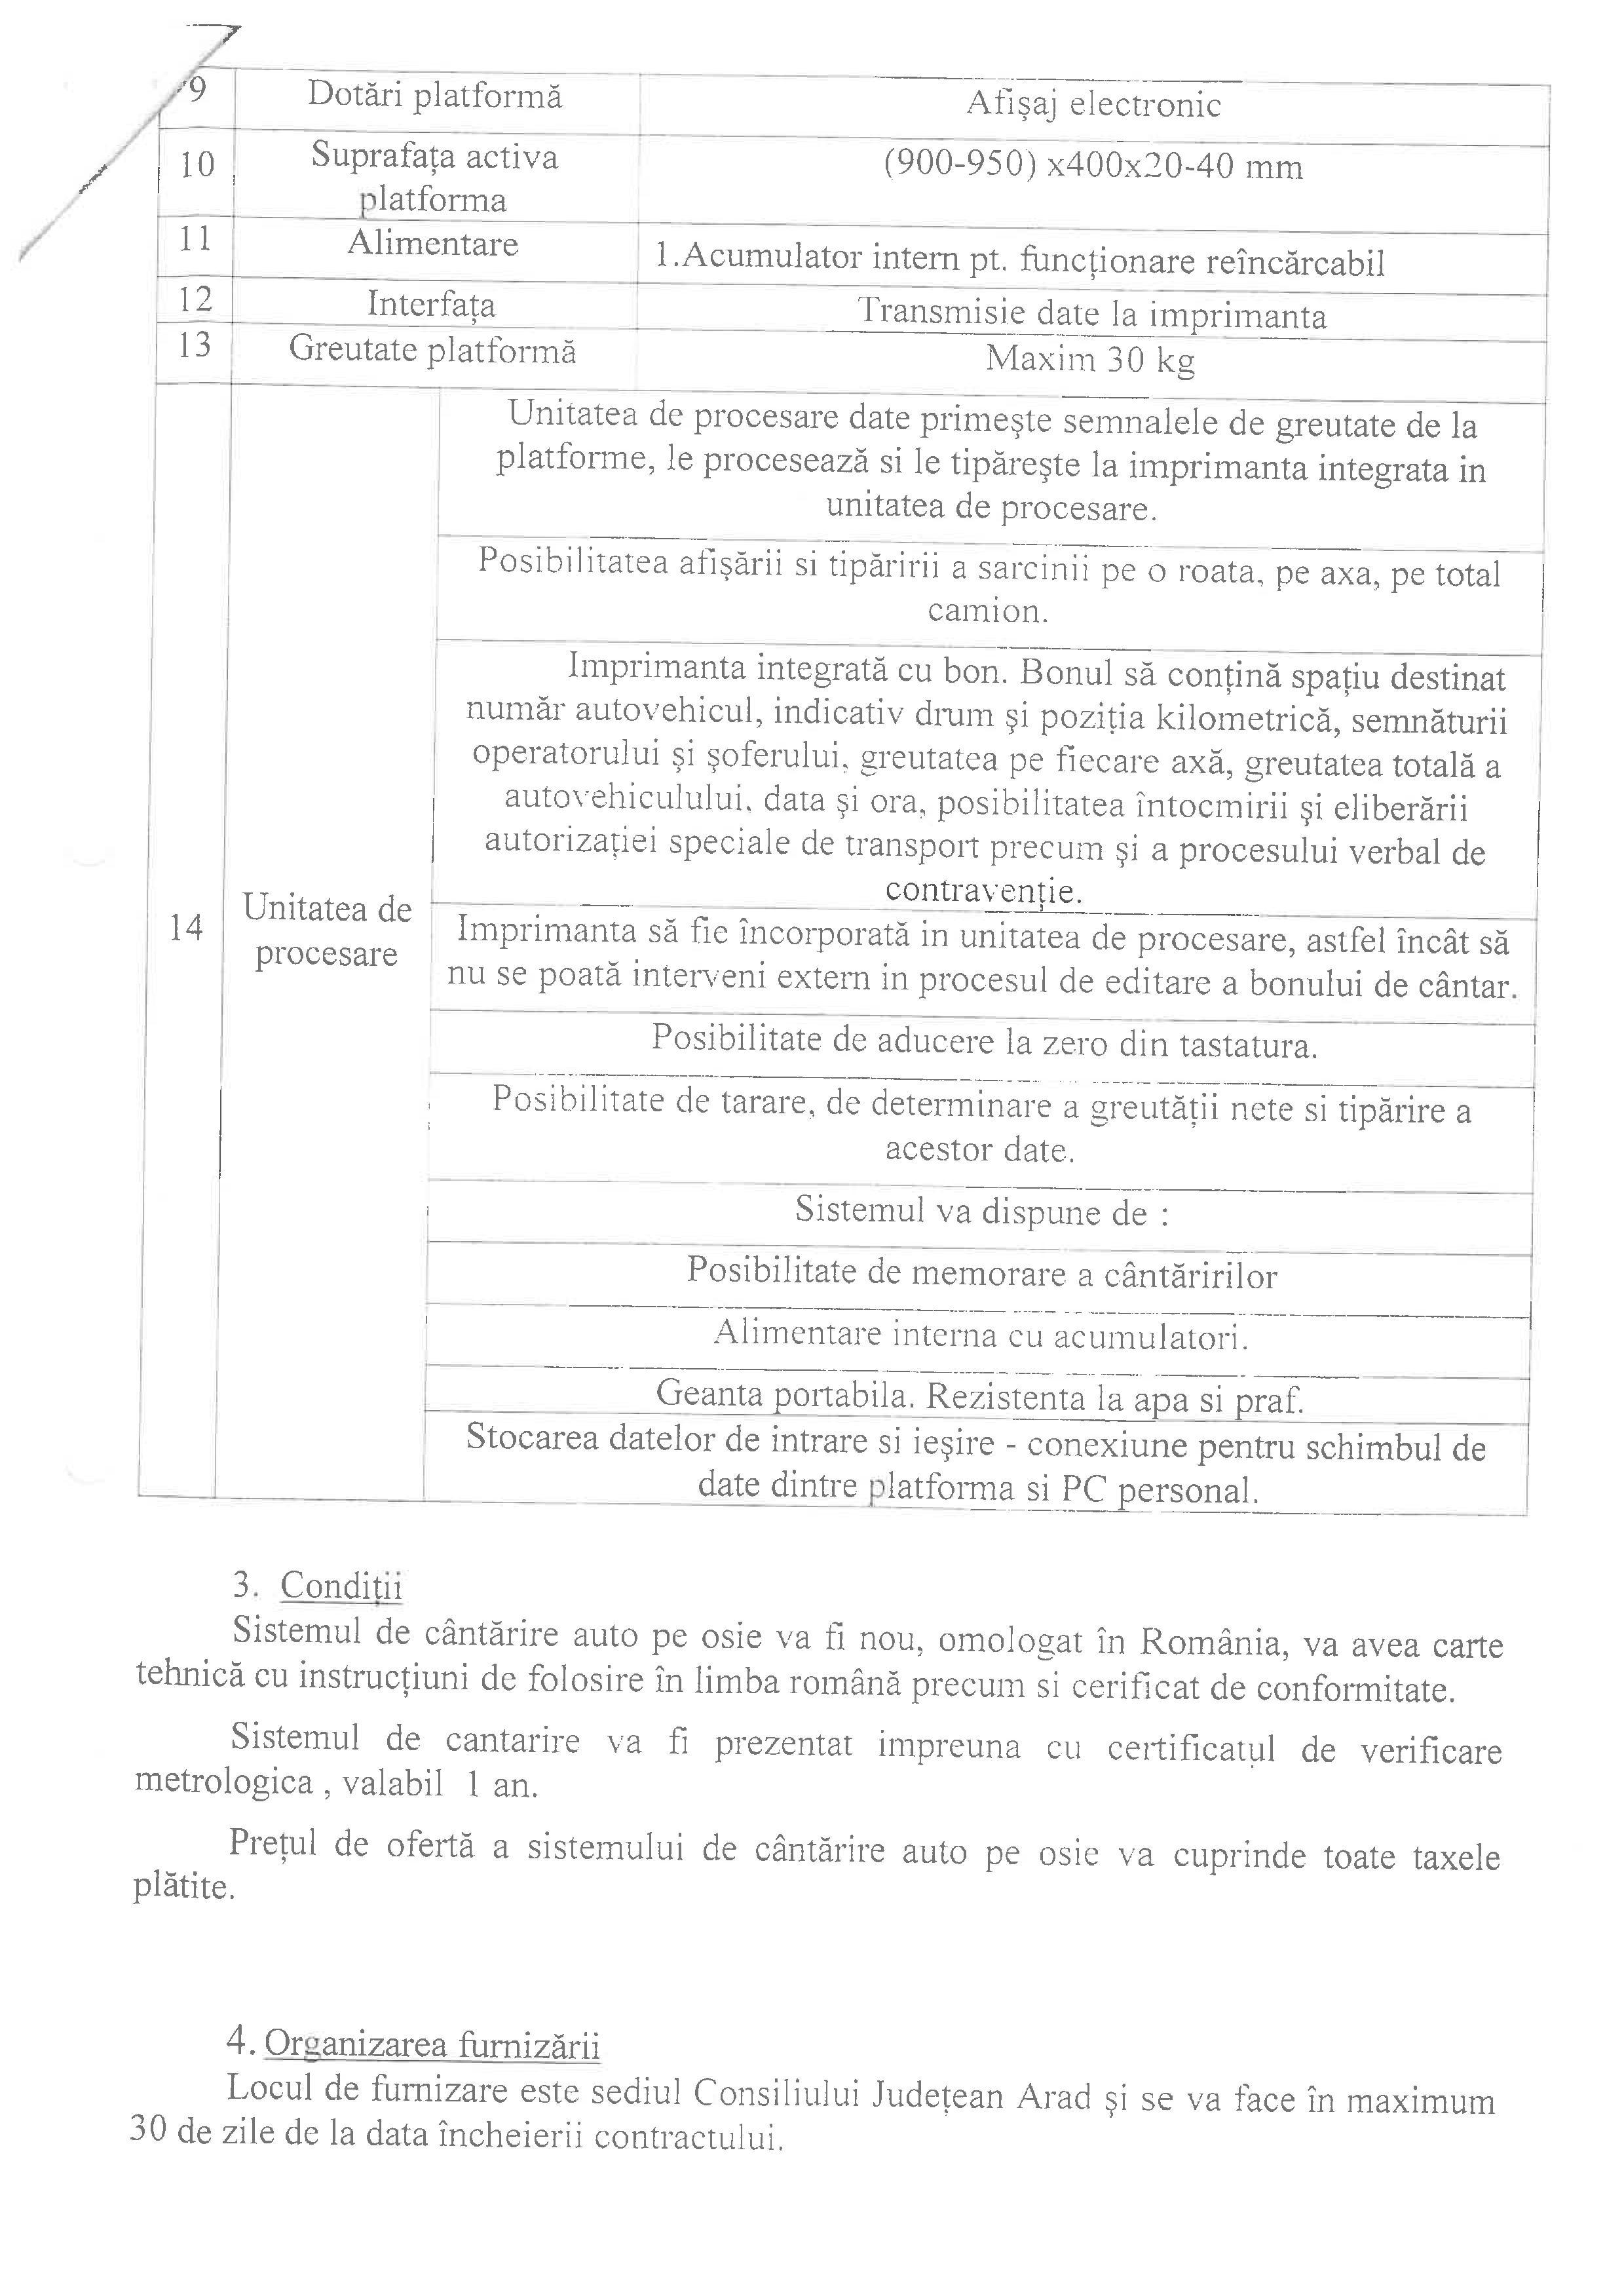 solicitare-de-oferte-si-caiet-de-sarcini-cantar-pe-osie-page-003